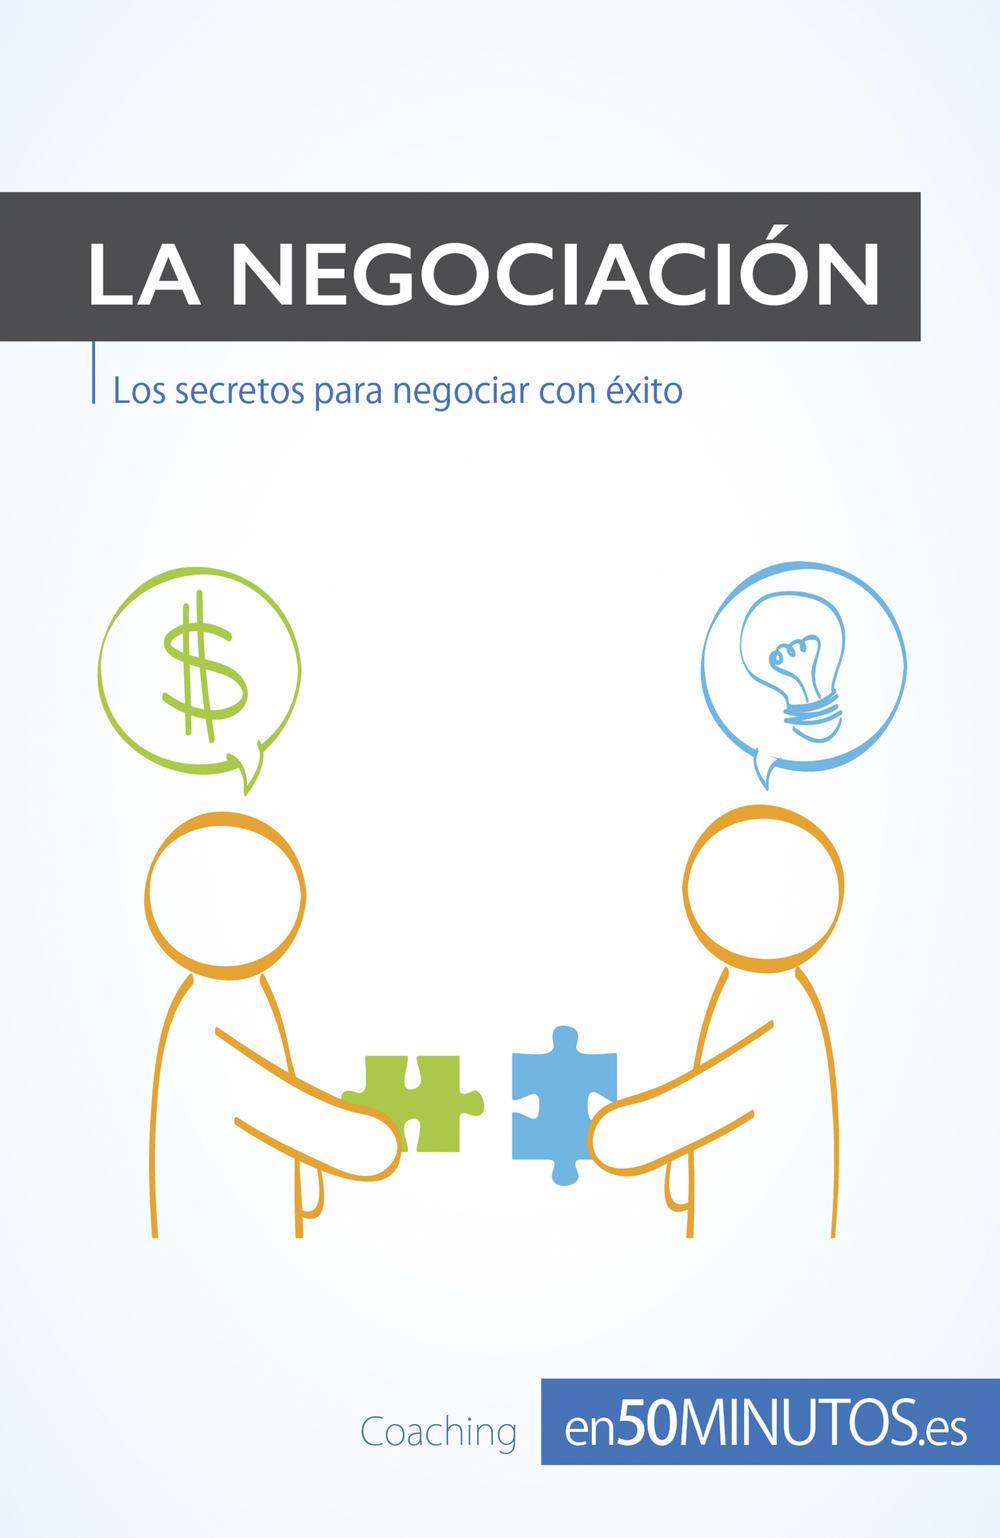 La negociación